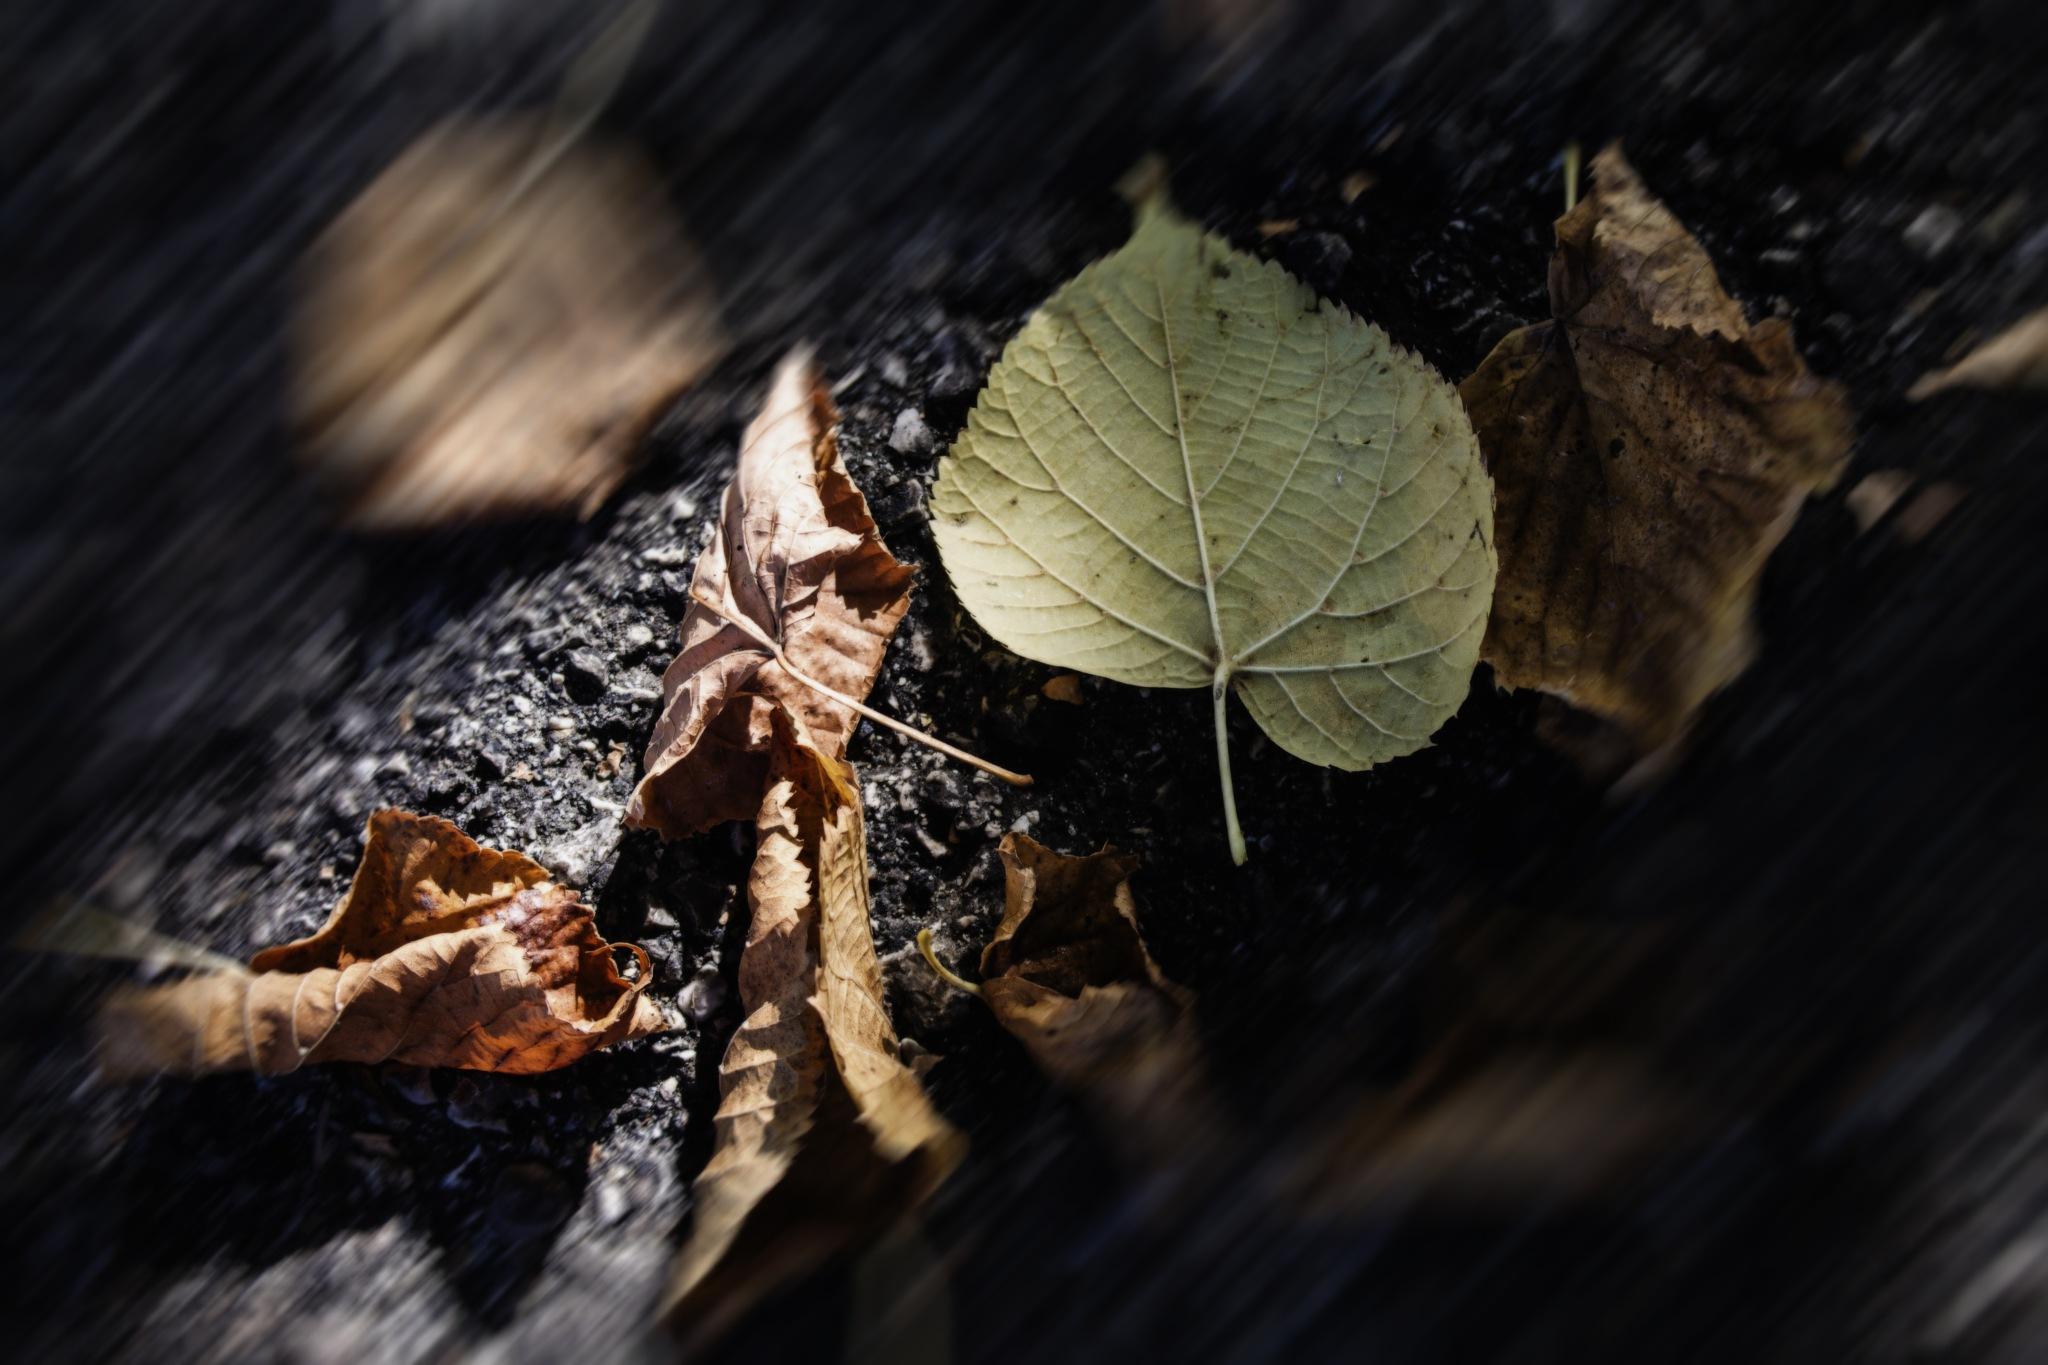 Foliage by Salvatore Bertolino